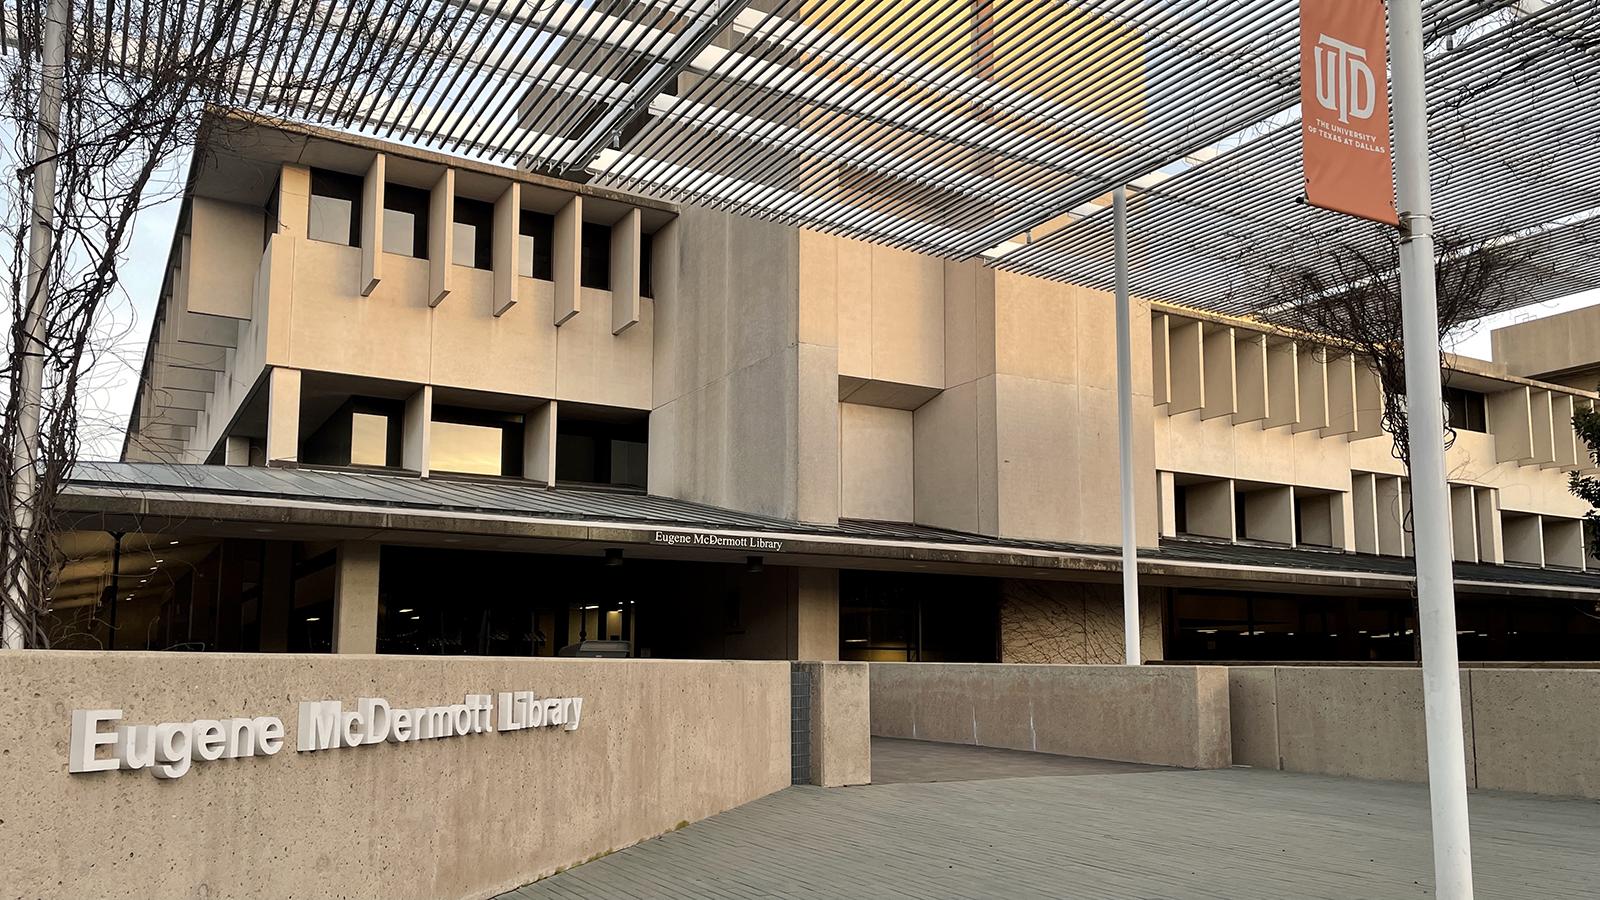 Photograph of Eugene McDermott Library.